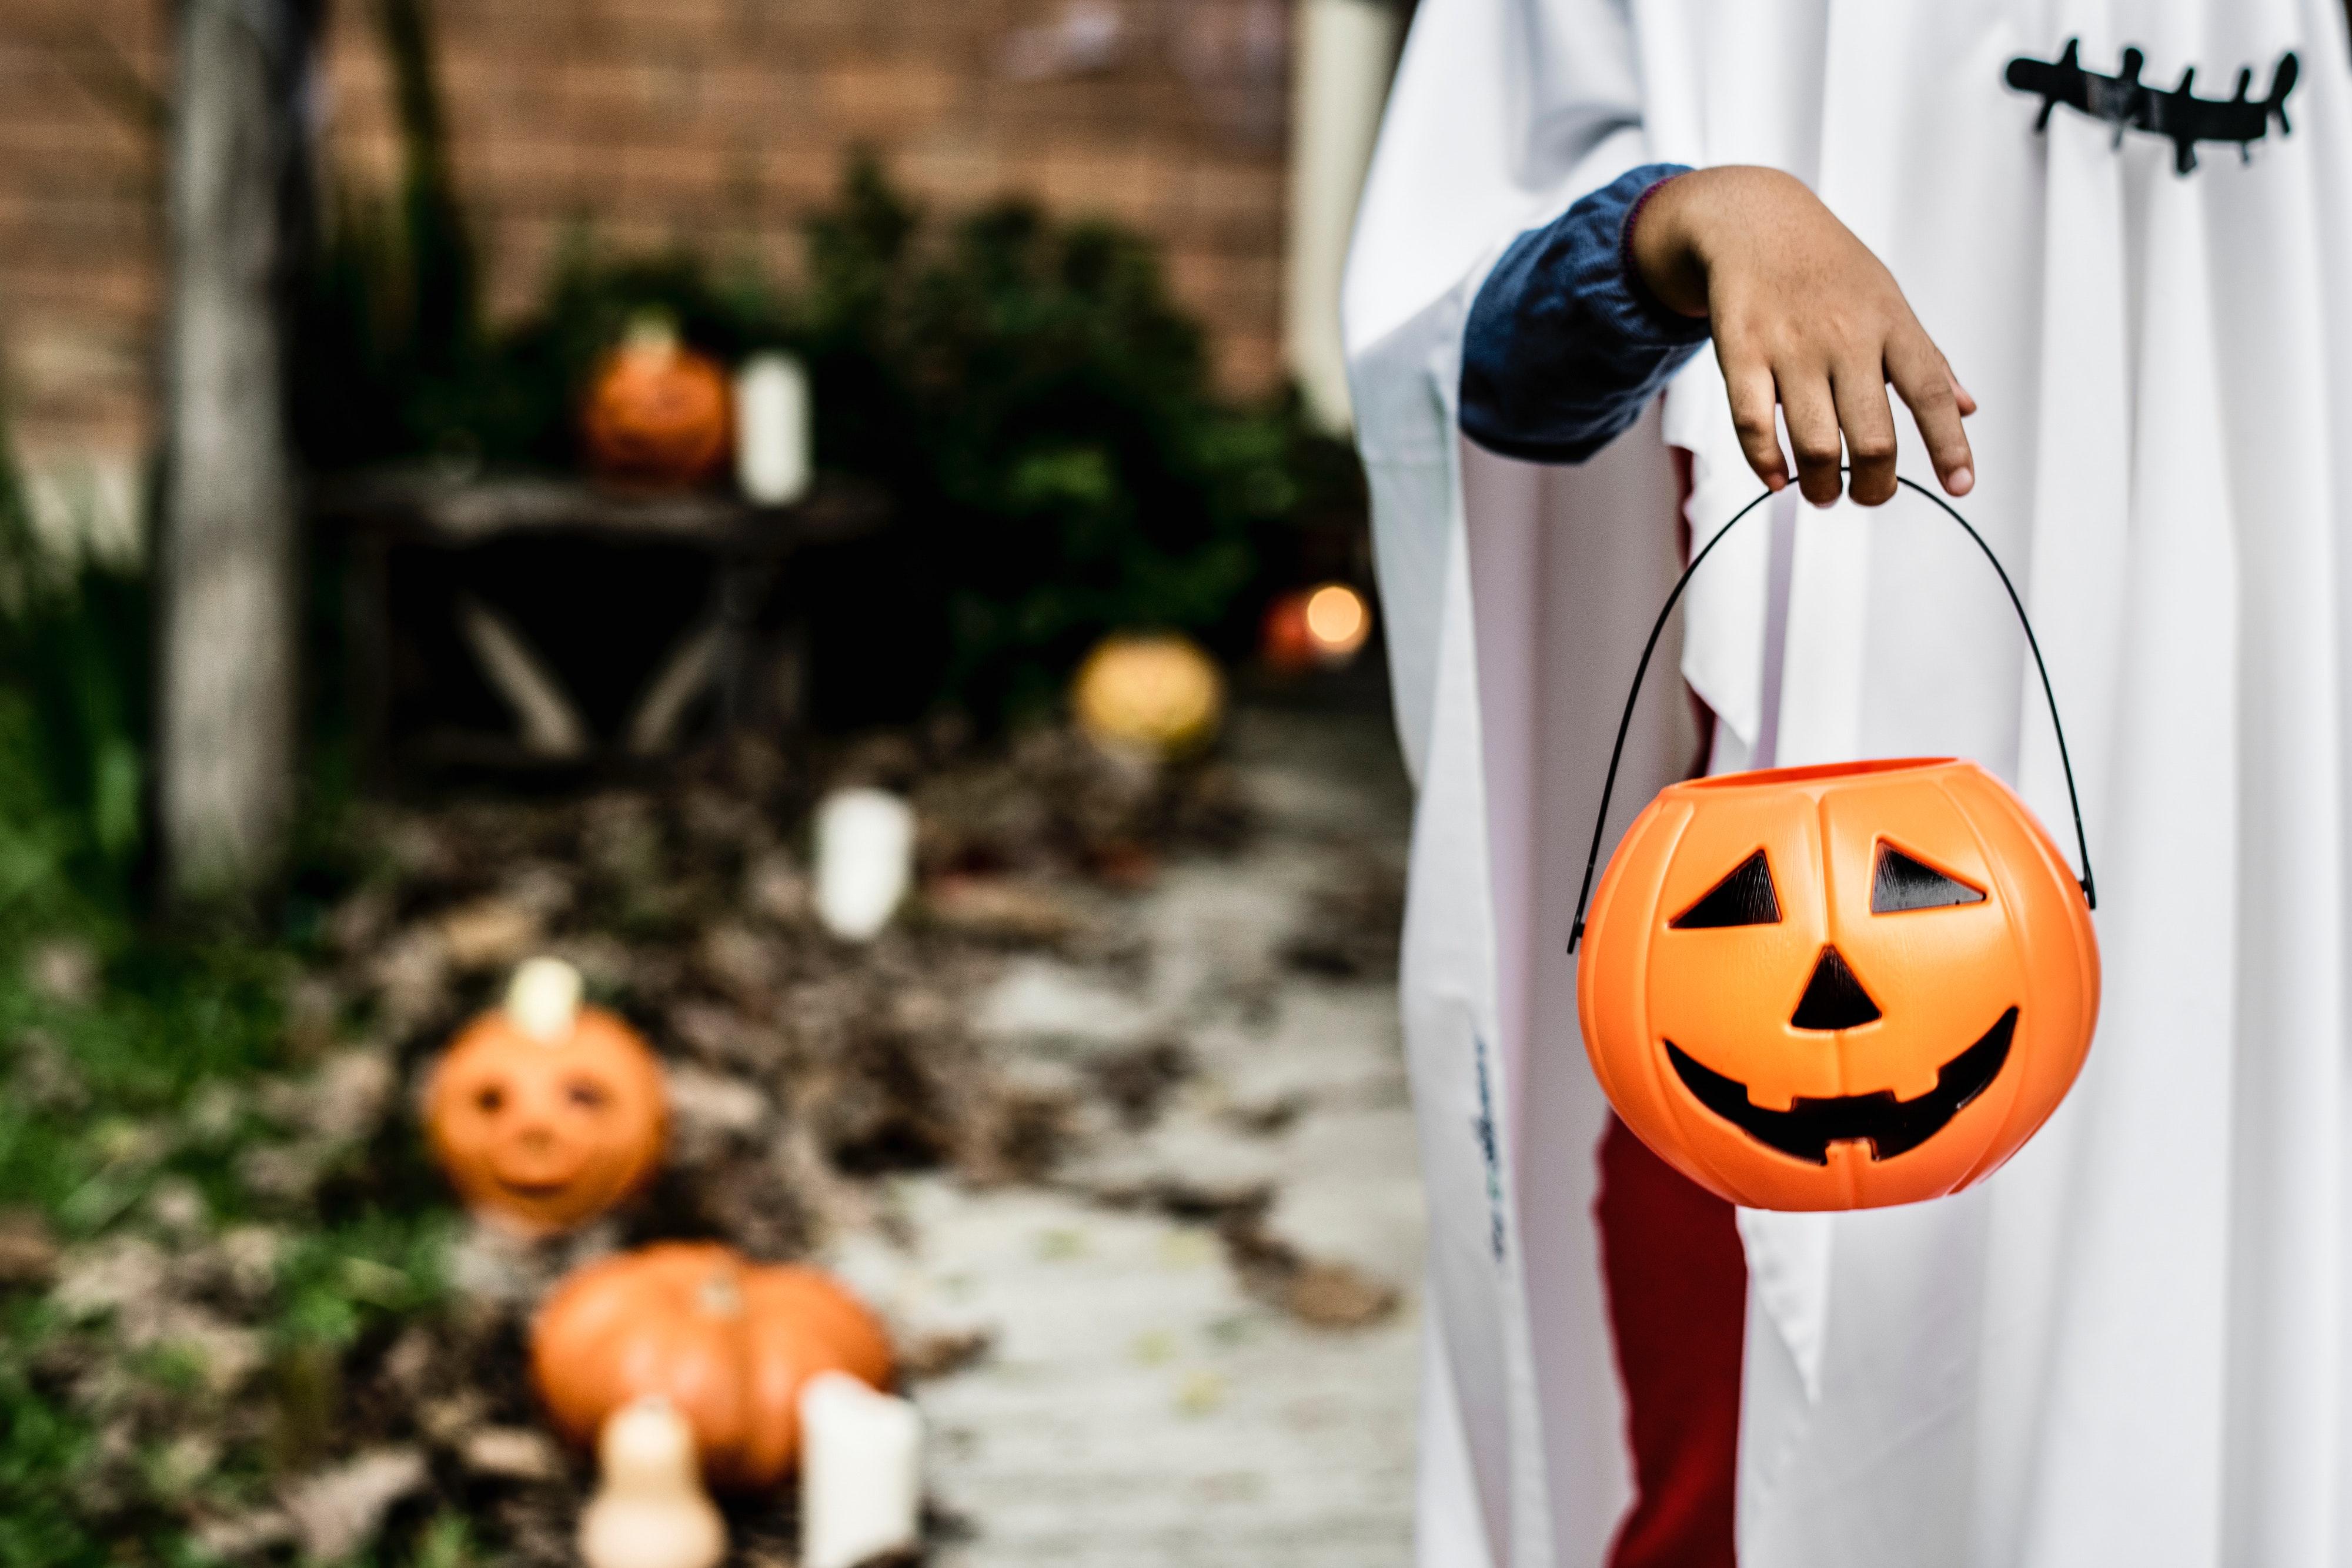 autumn-bucket-celebration-1374546.jpg